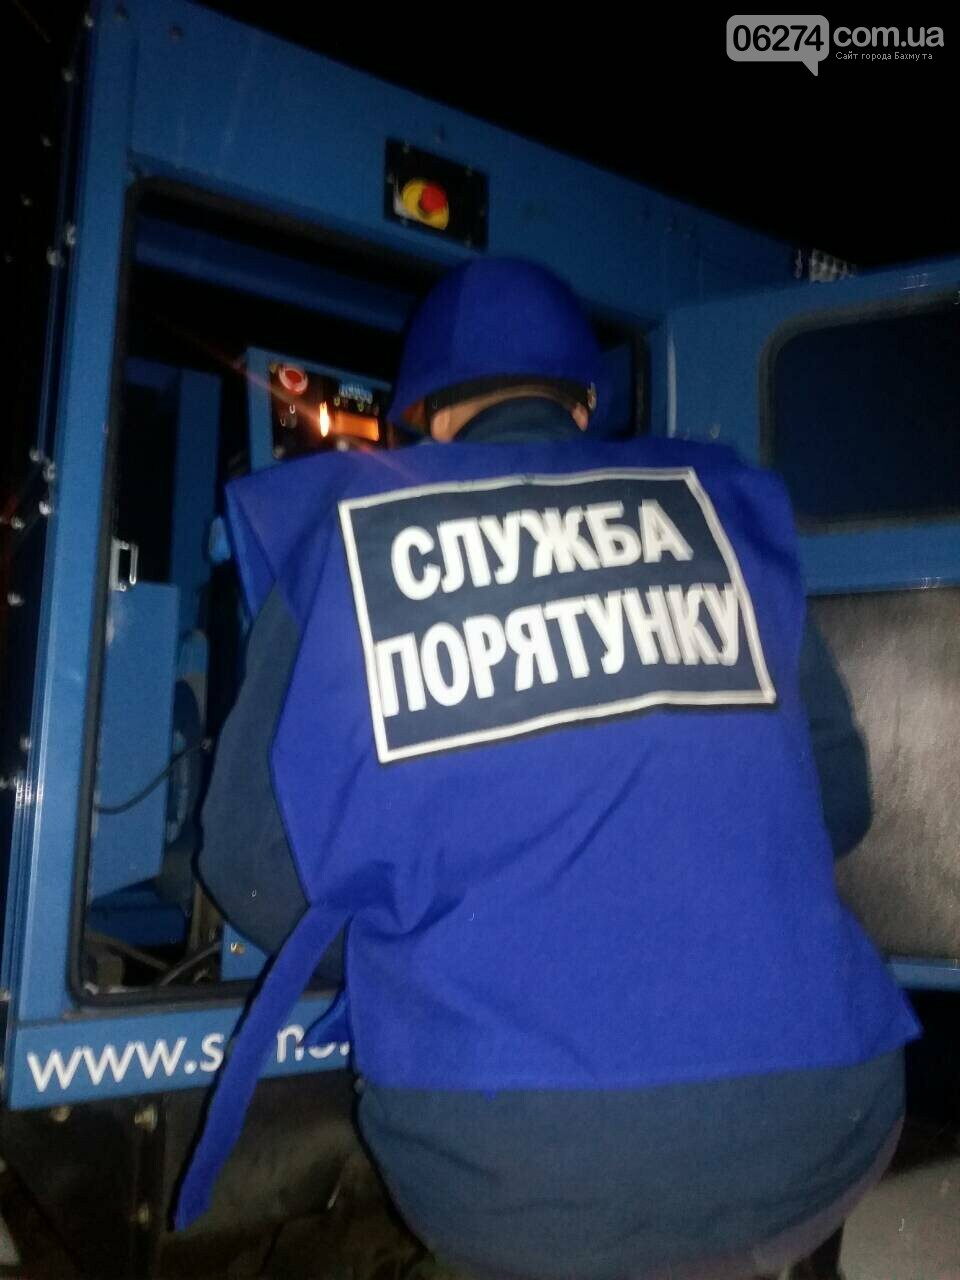 Спасатели обеспечивают подачу электроэнергии в квартиры недавно освобожденного Травневого, фото-2